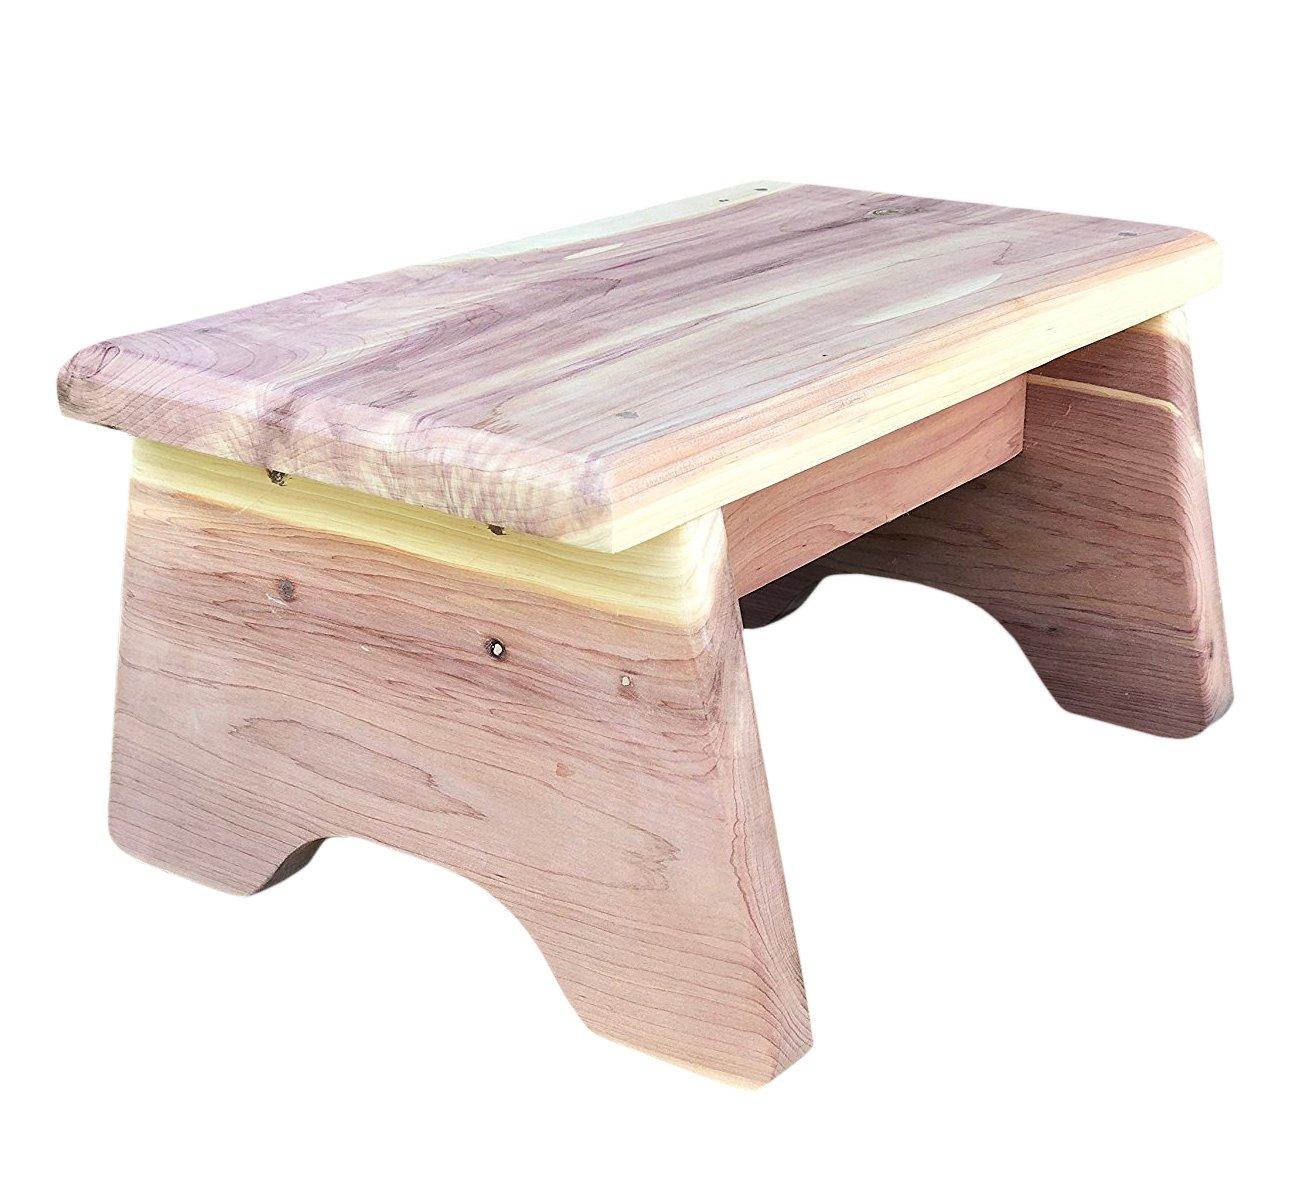 Vundahboah Amish Goods Cedar One Step Stool (Curved Leg Style)